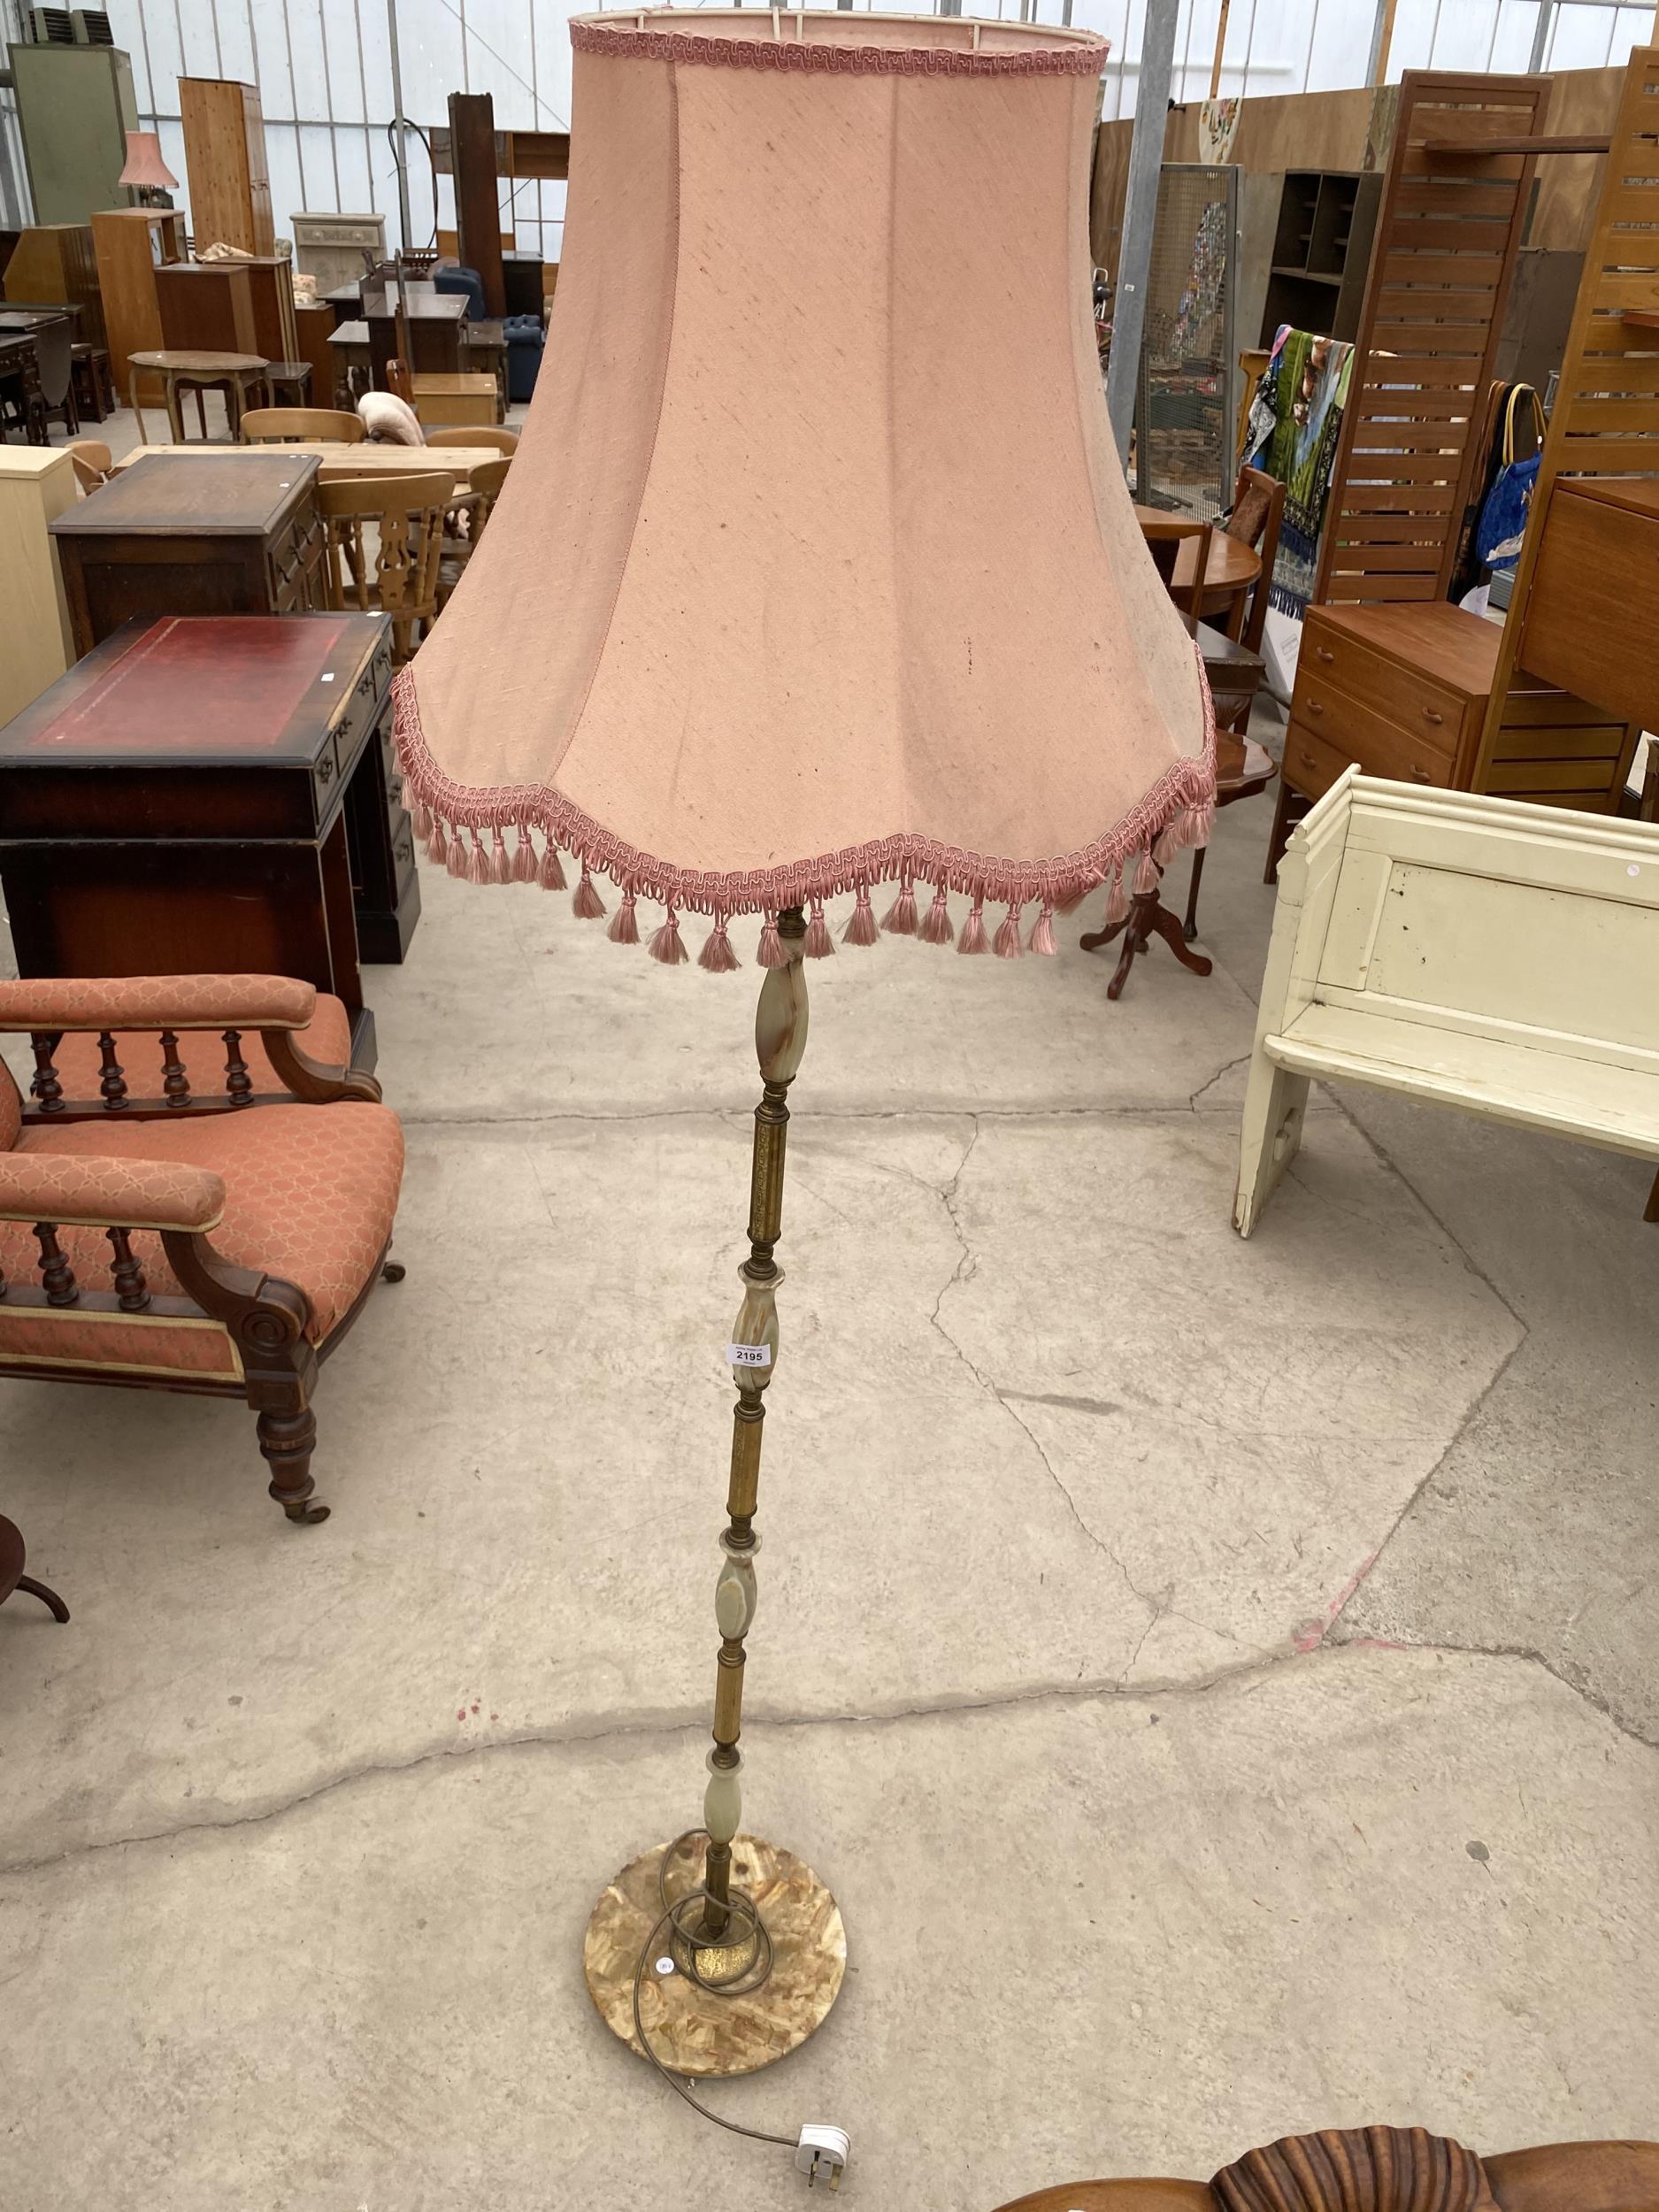 AN ONYX EFFECT STANDARD LAMP